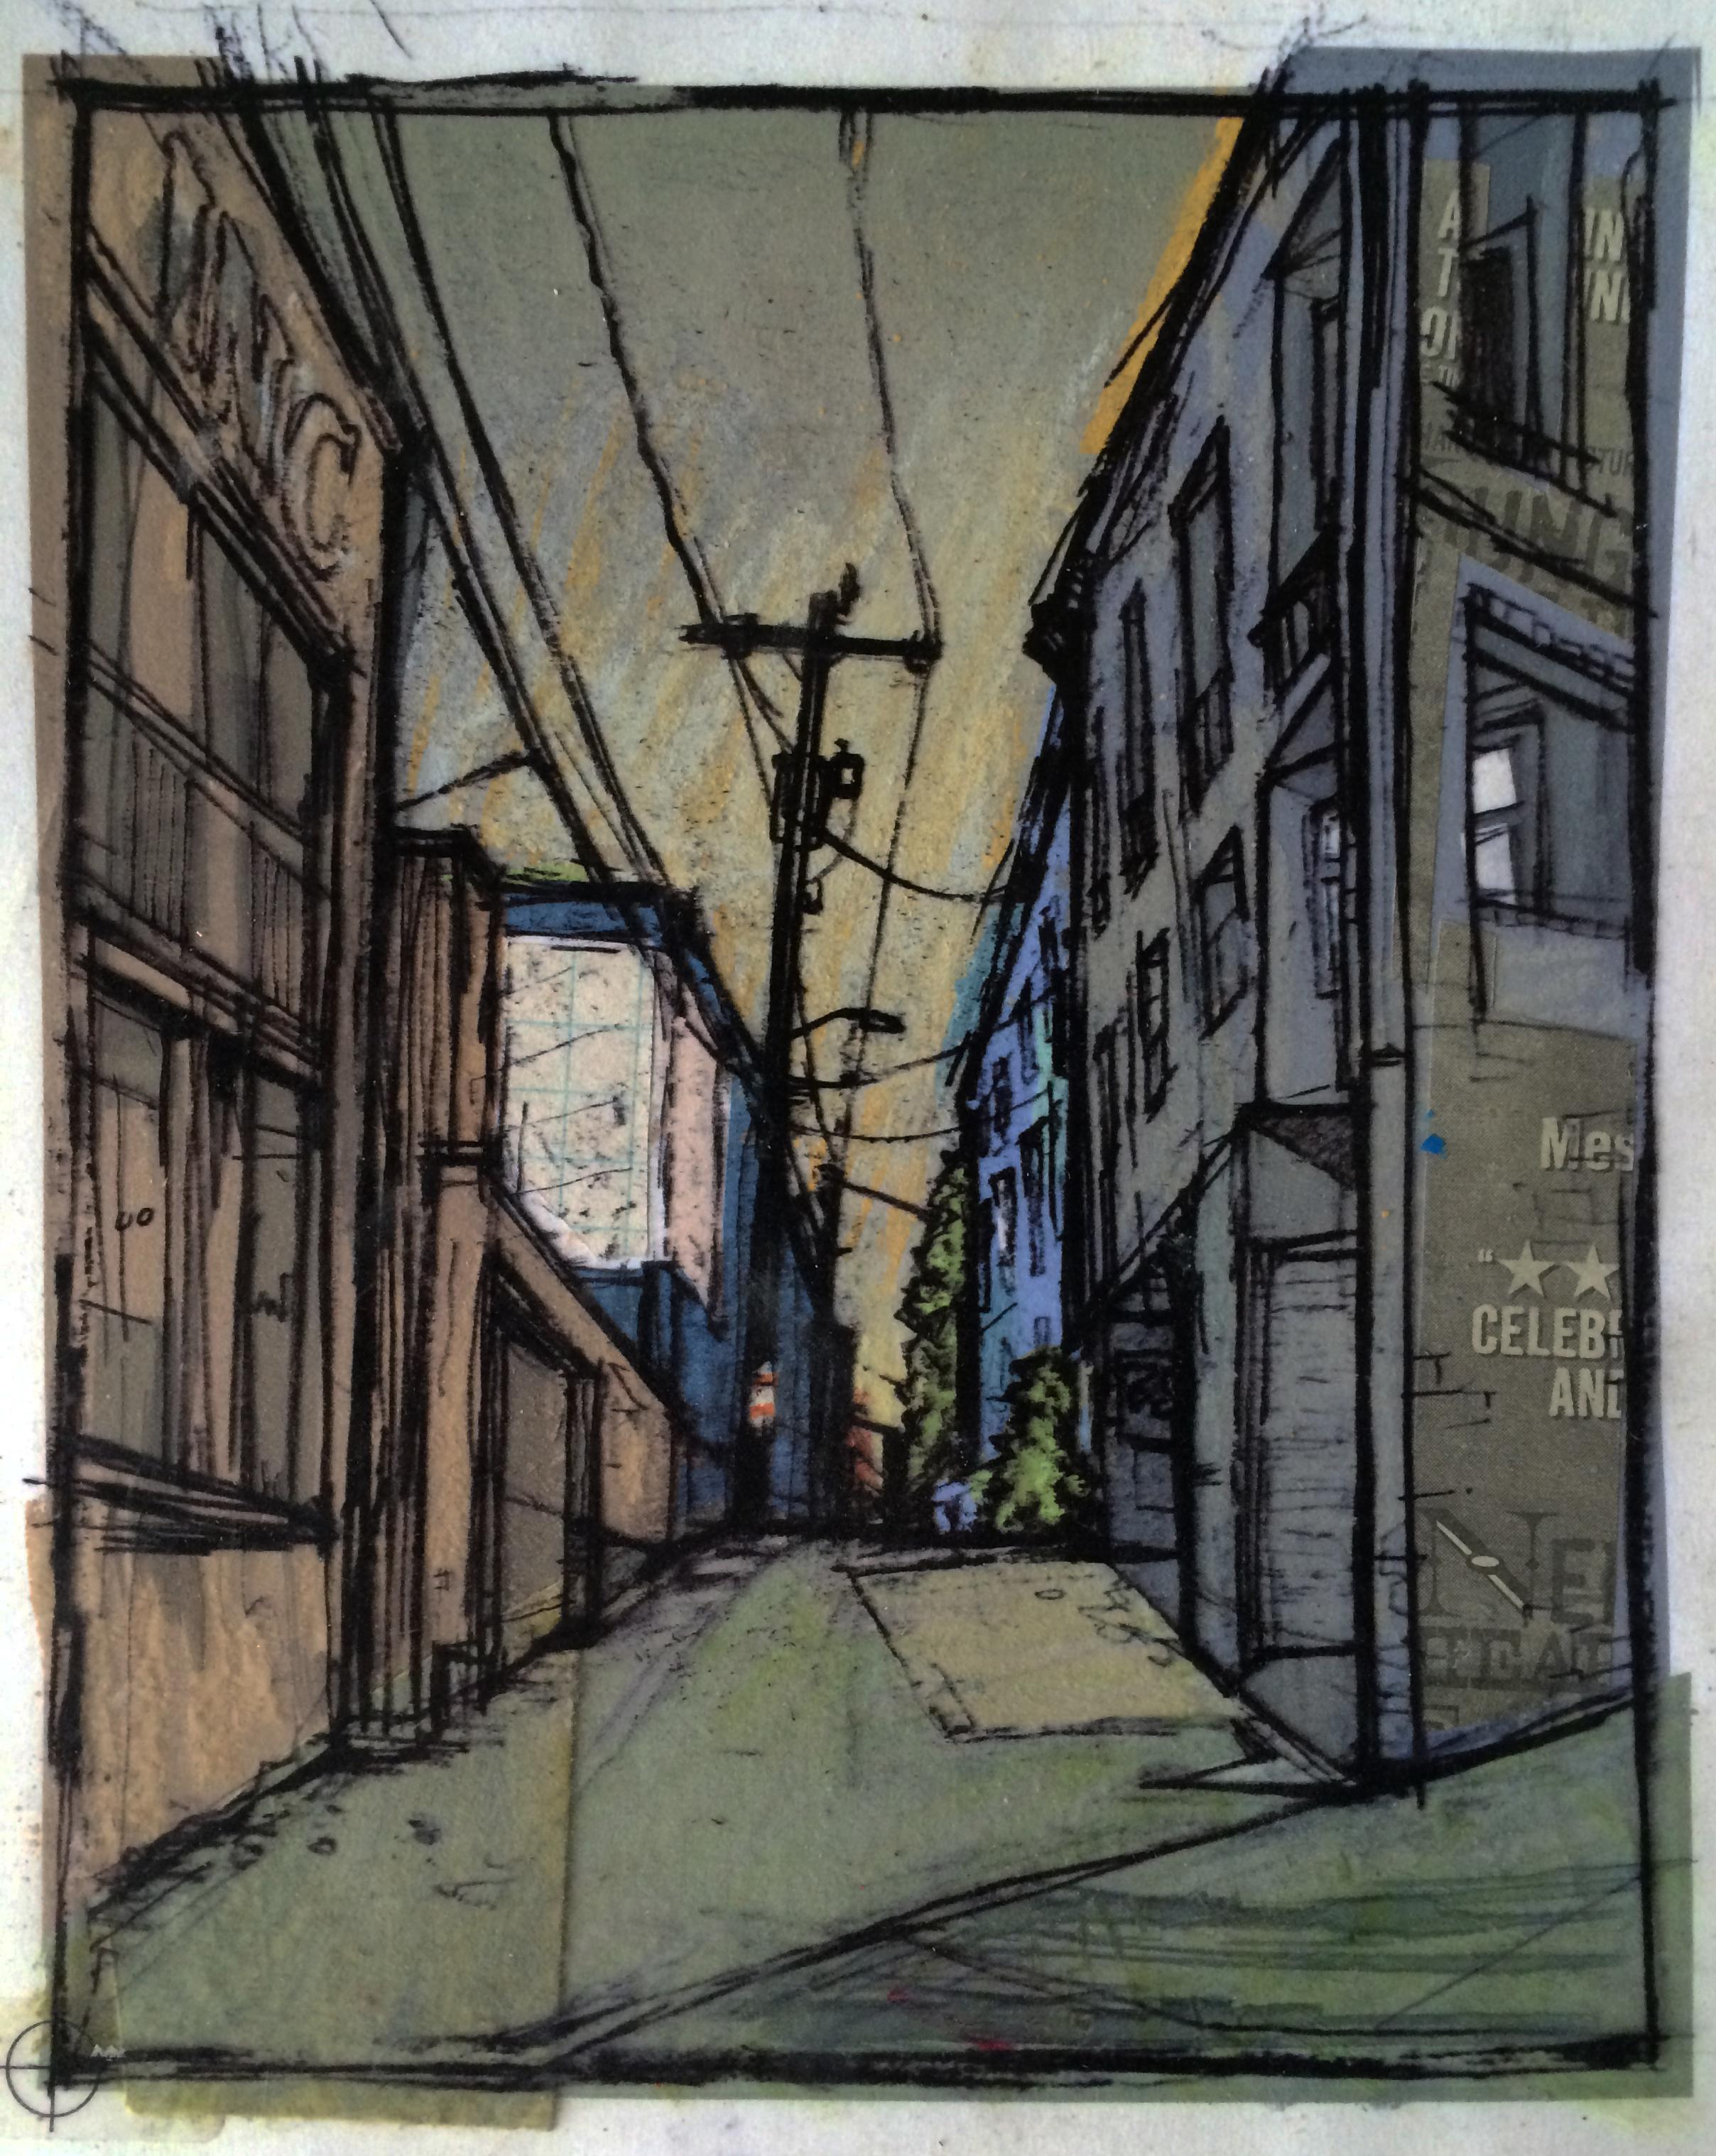 Alley_3.jpg